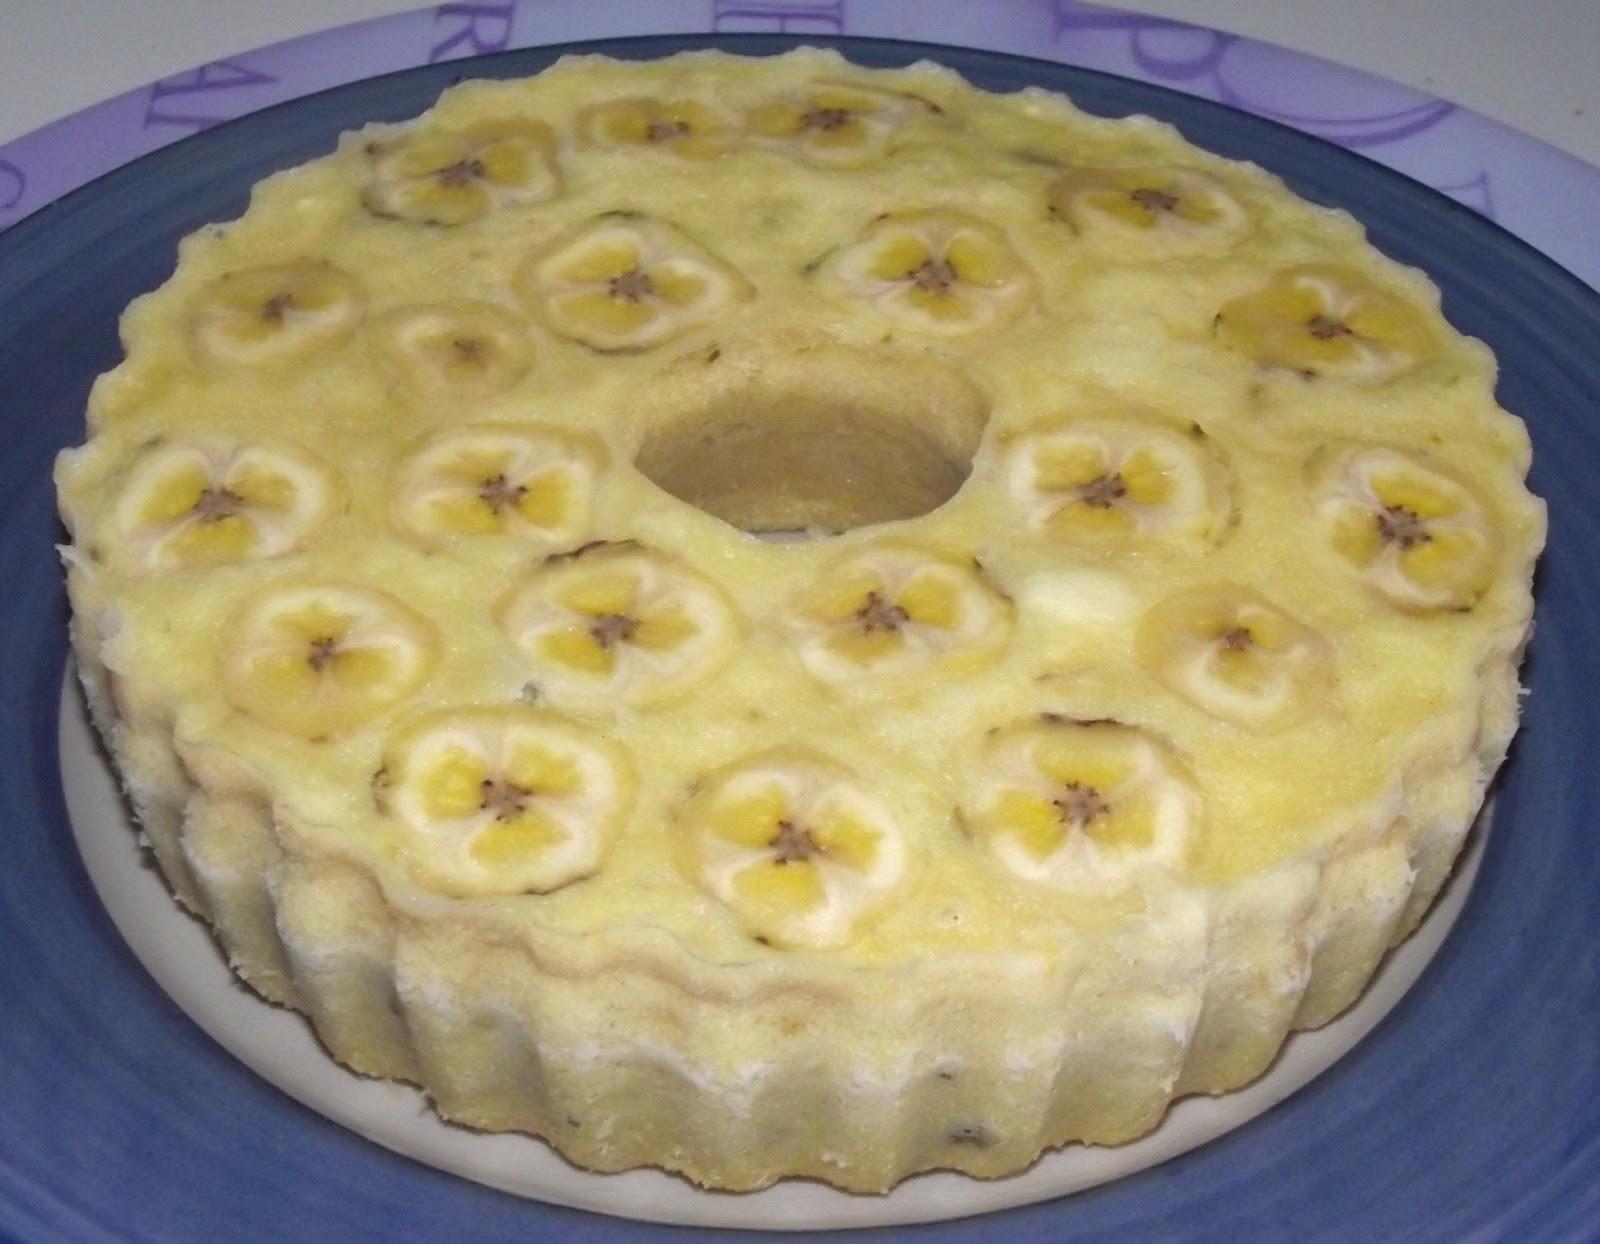 Resep Cake Kukus Tanpa Mixer Jtt: Cara Membuat Kue Kukus Rasa Kopi